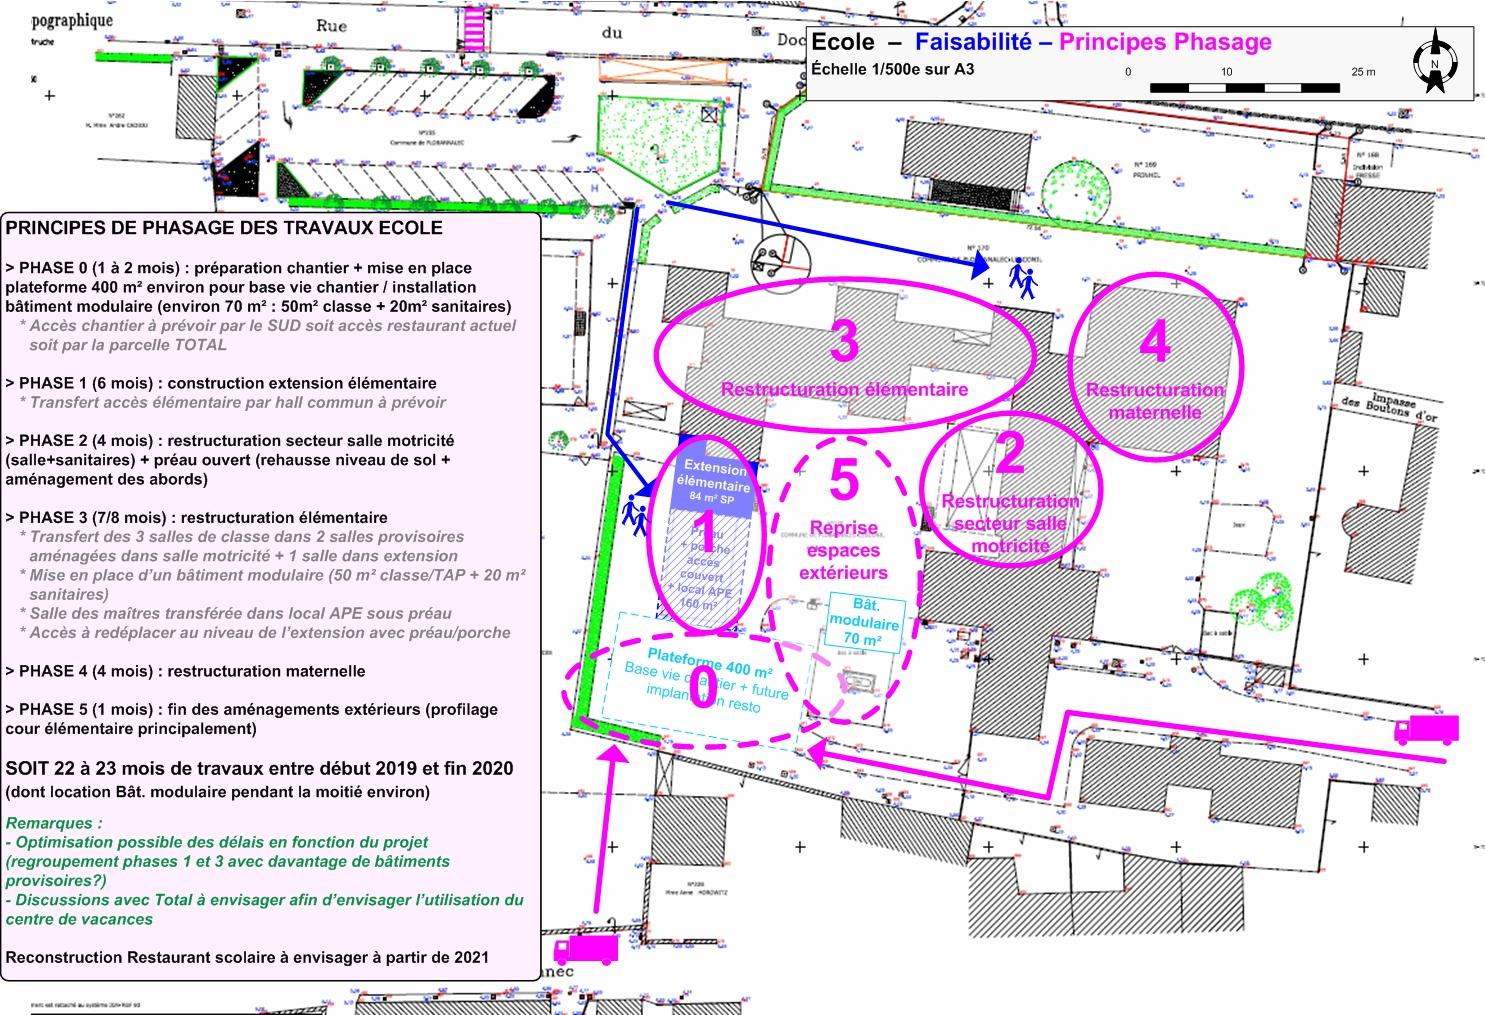 PbL29-école-PM-500-FAISA-1-BIS-phasage-PPT